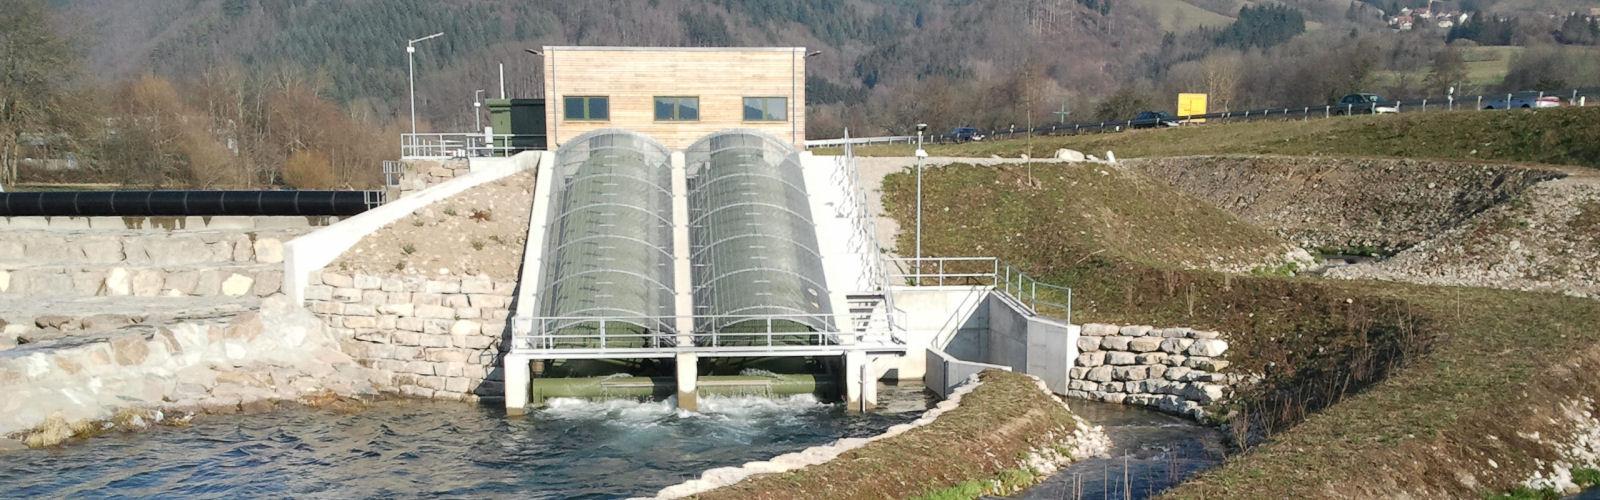 Wasserkraftwerk Hausen mit 2 Wasserkraft-Schnecken